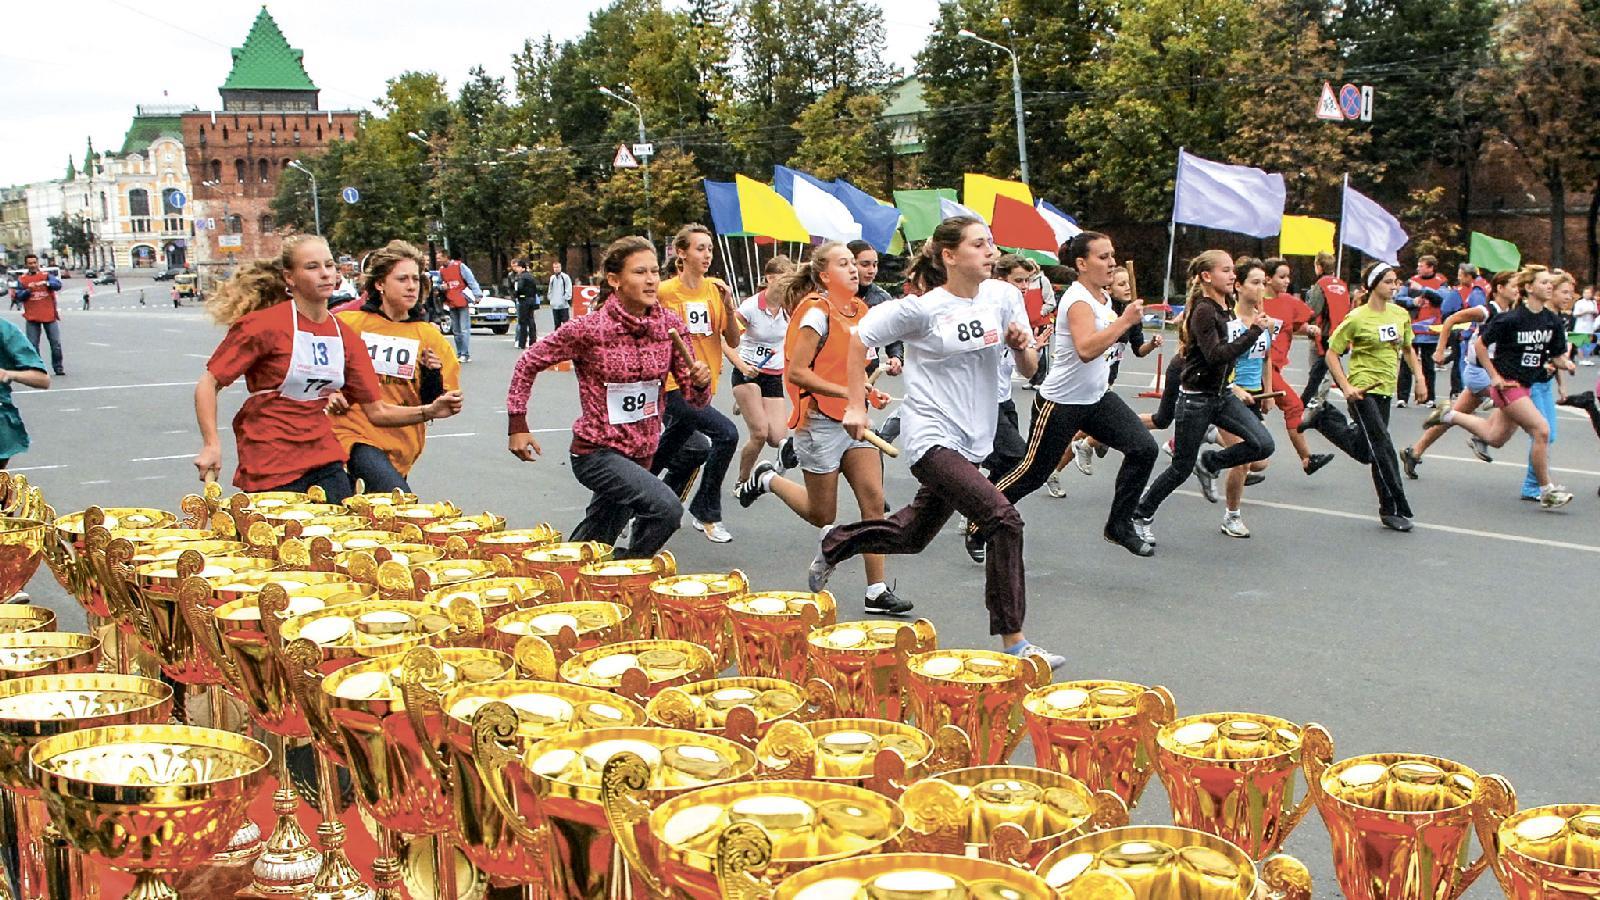 На пробег, который «Нижегородская правда» проводит более 90 лет, приезжают спортсмены со всей области